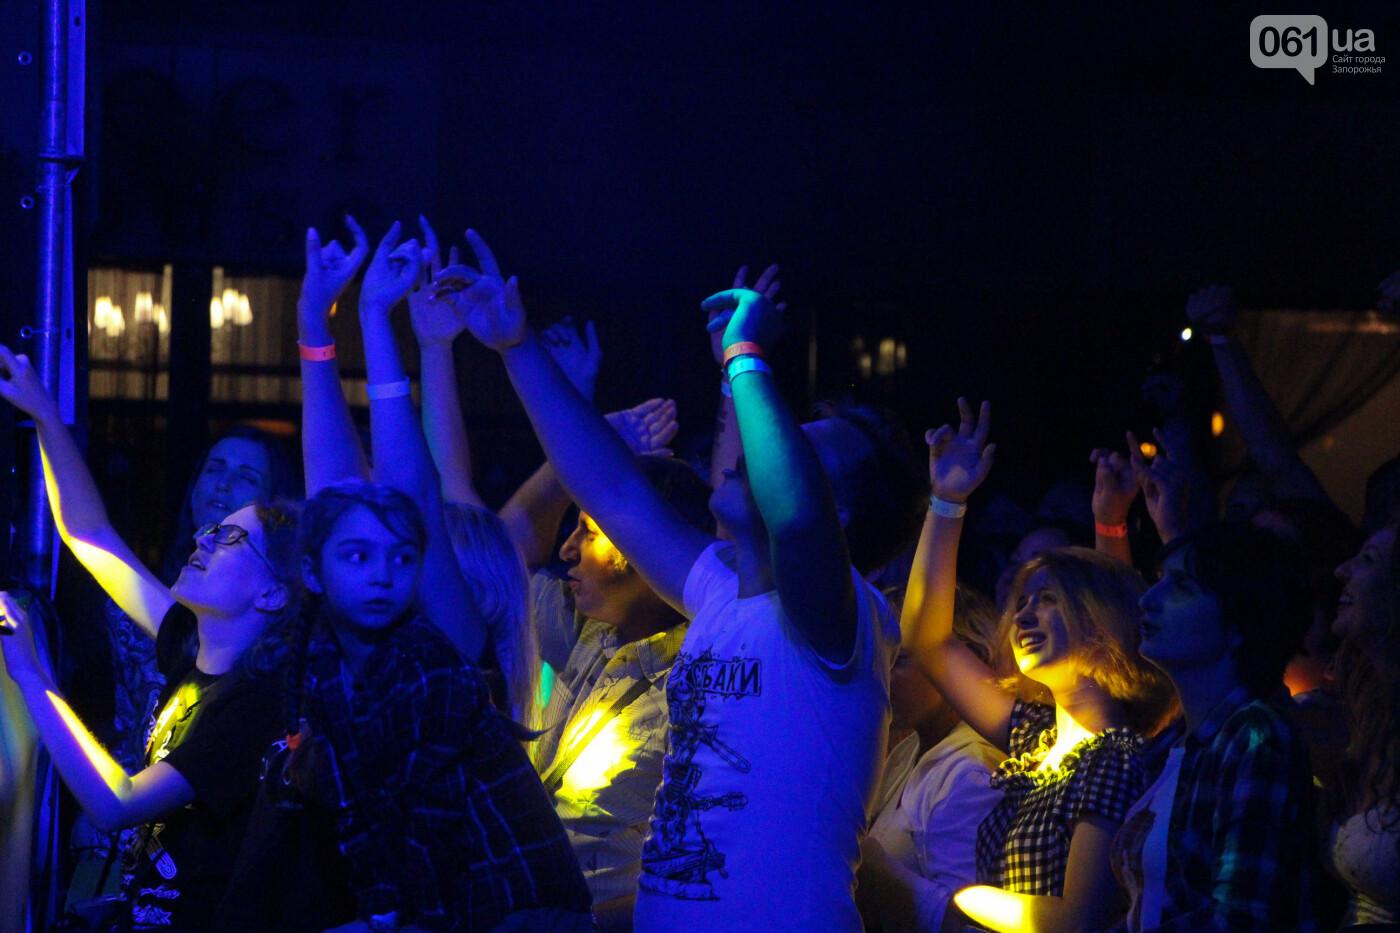 Концерт группы «Жадан і Собаки» собрал сотни запорожцев: как это было, - ФОТОРЕПОРТАЖ, фото-13